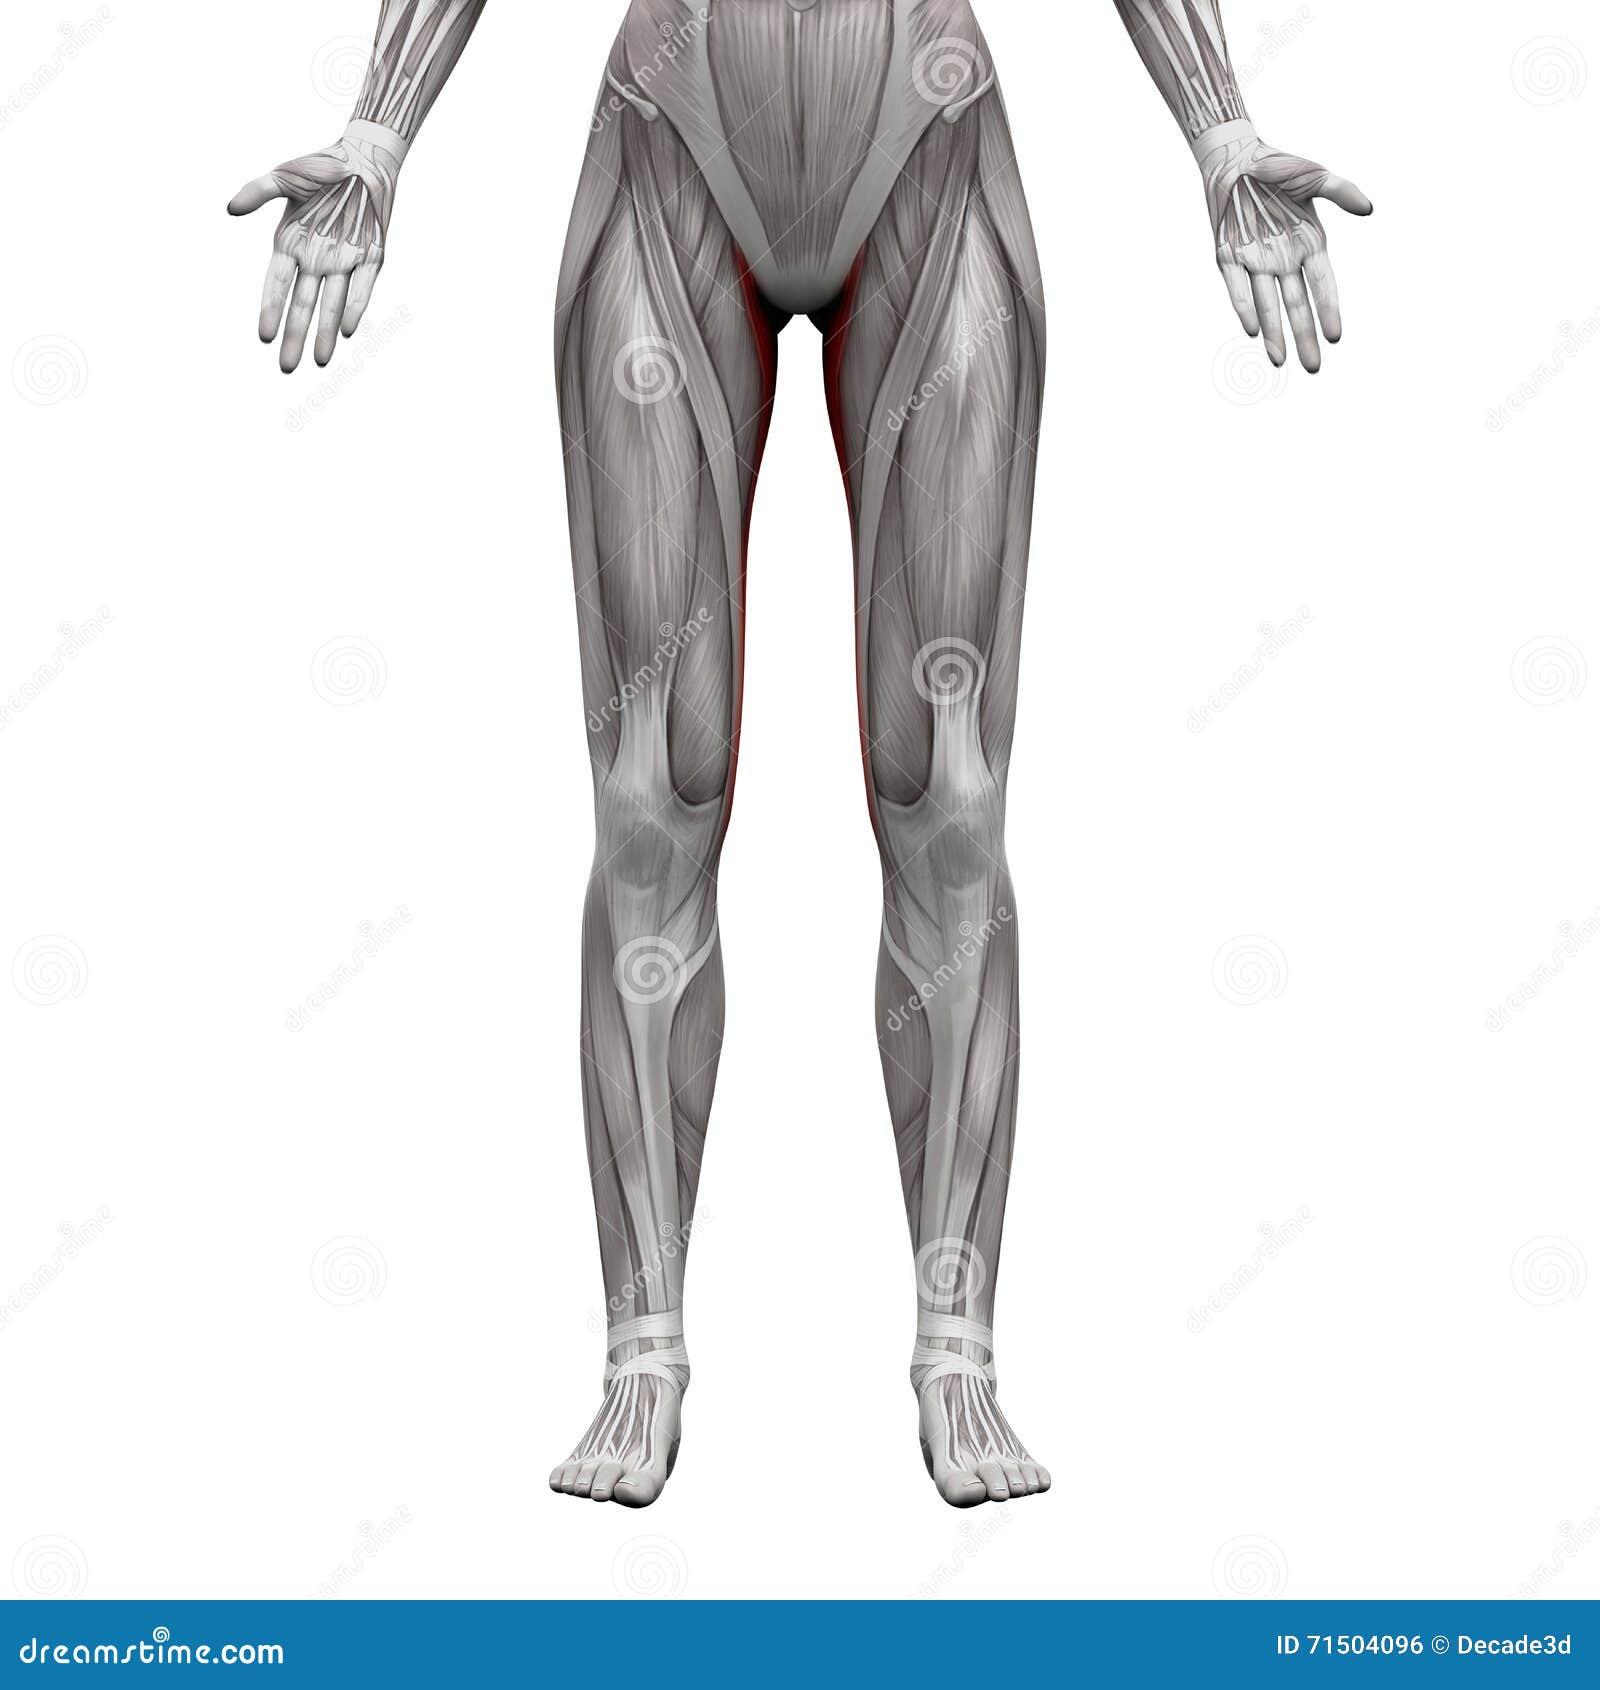 Wunderbar Muskeln Des Kerns Anatomie Galerie - Anatomie Ideen ...